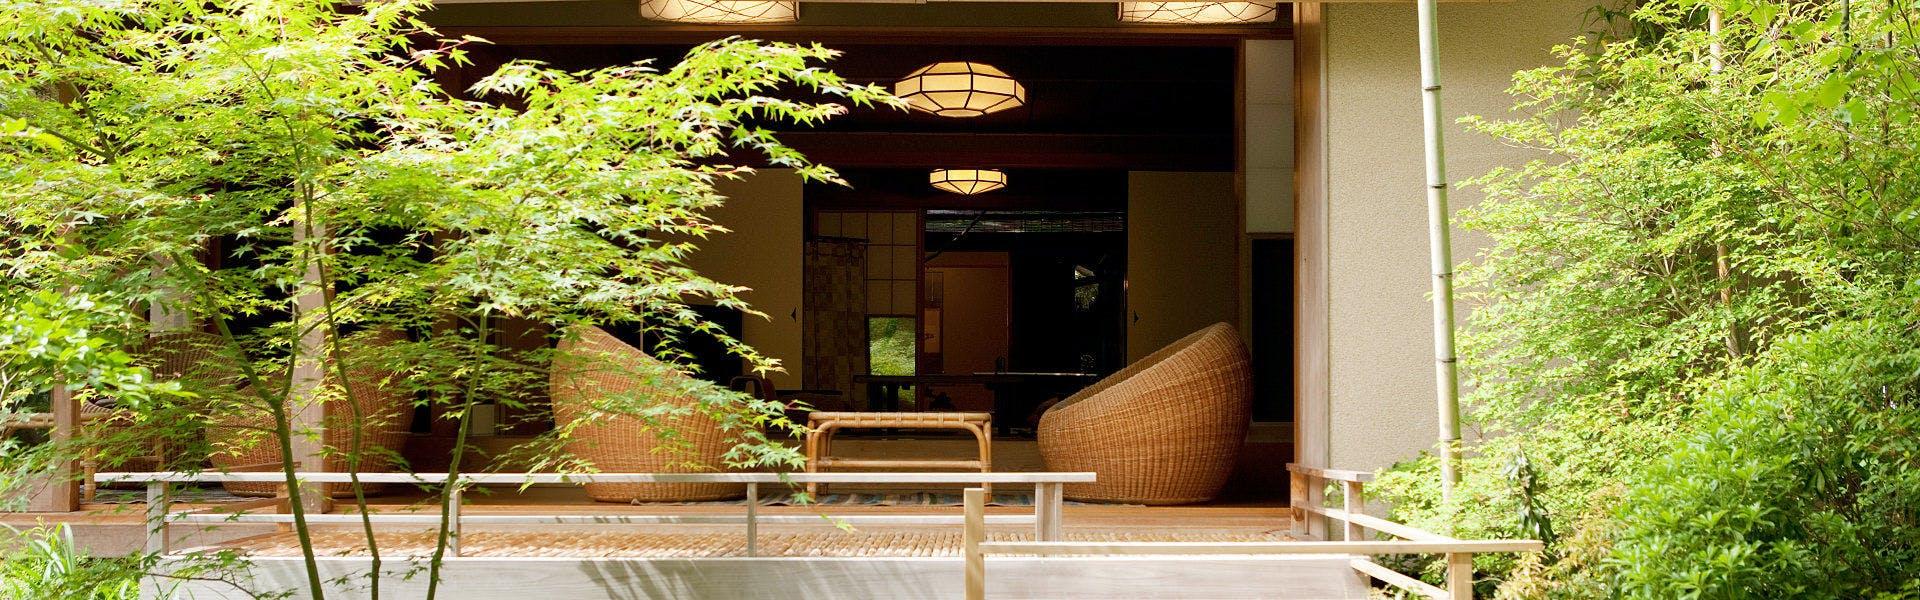 記念日におすすめのホテル・柳生の庄の写真2